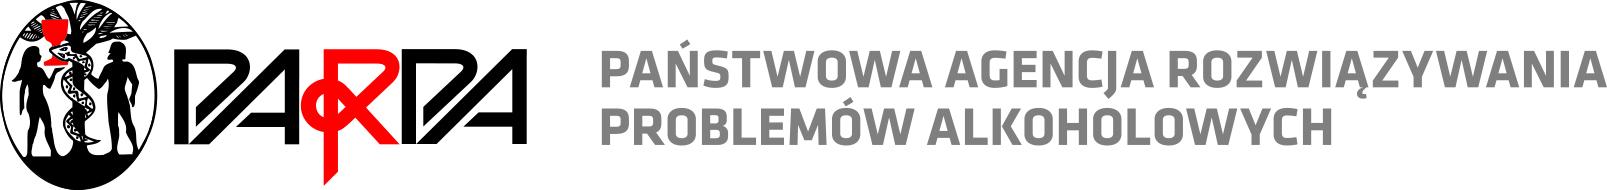 logo_parap_nowe_nazwa